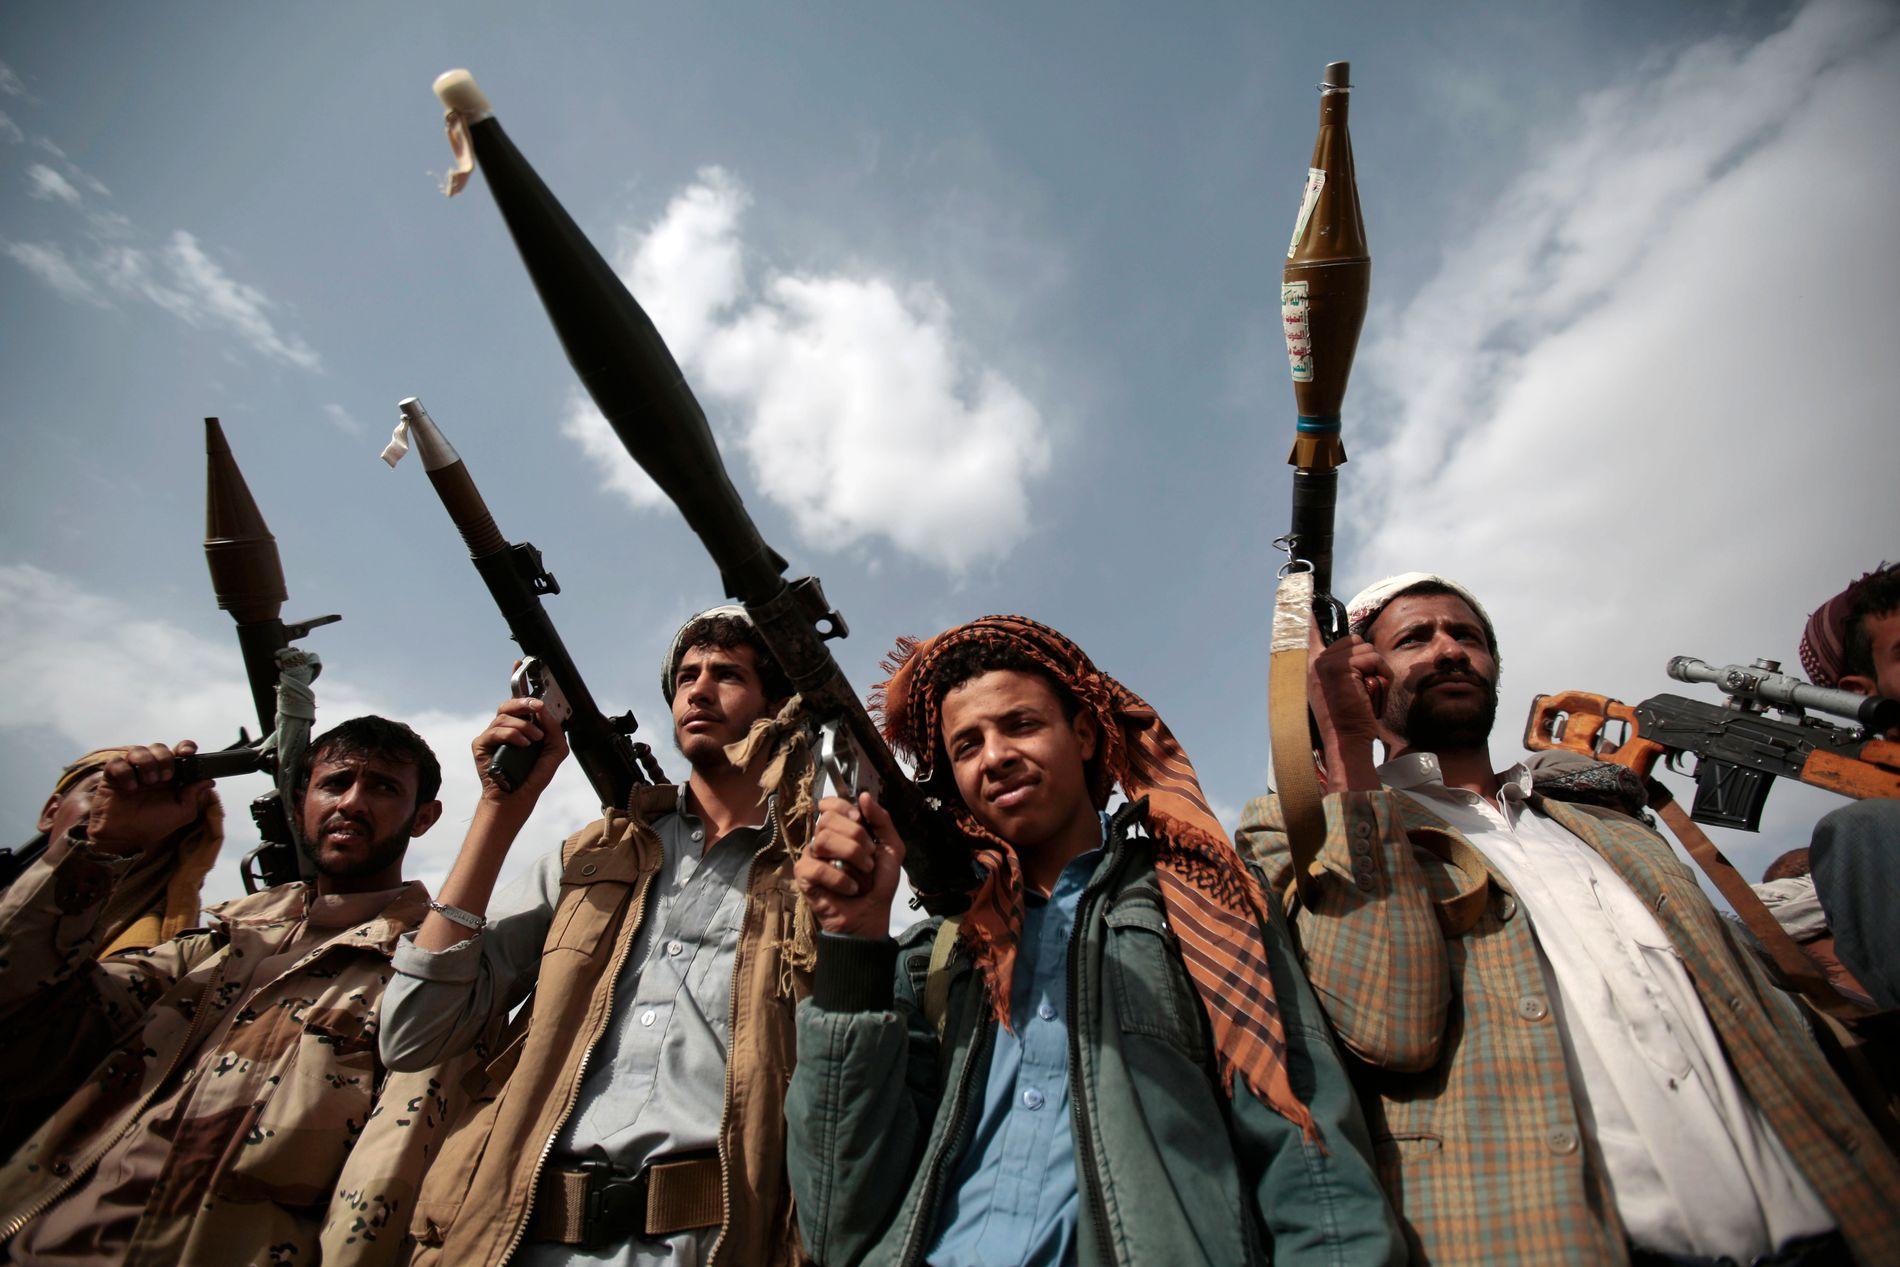 I KRIG: Krigere lojale til Houthi-bevegelsen poserer med sine våpen i Jemens hovedstad Sanaa, 2016.